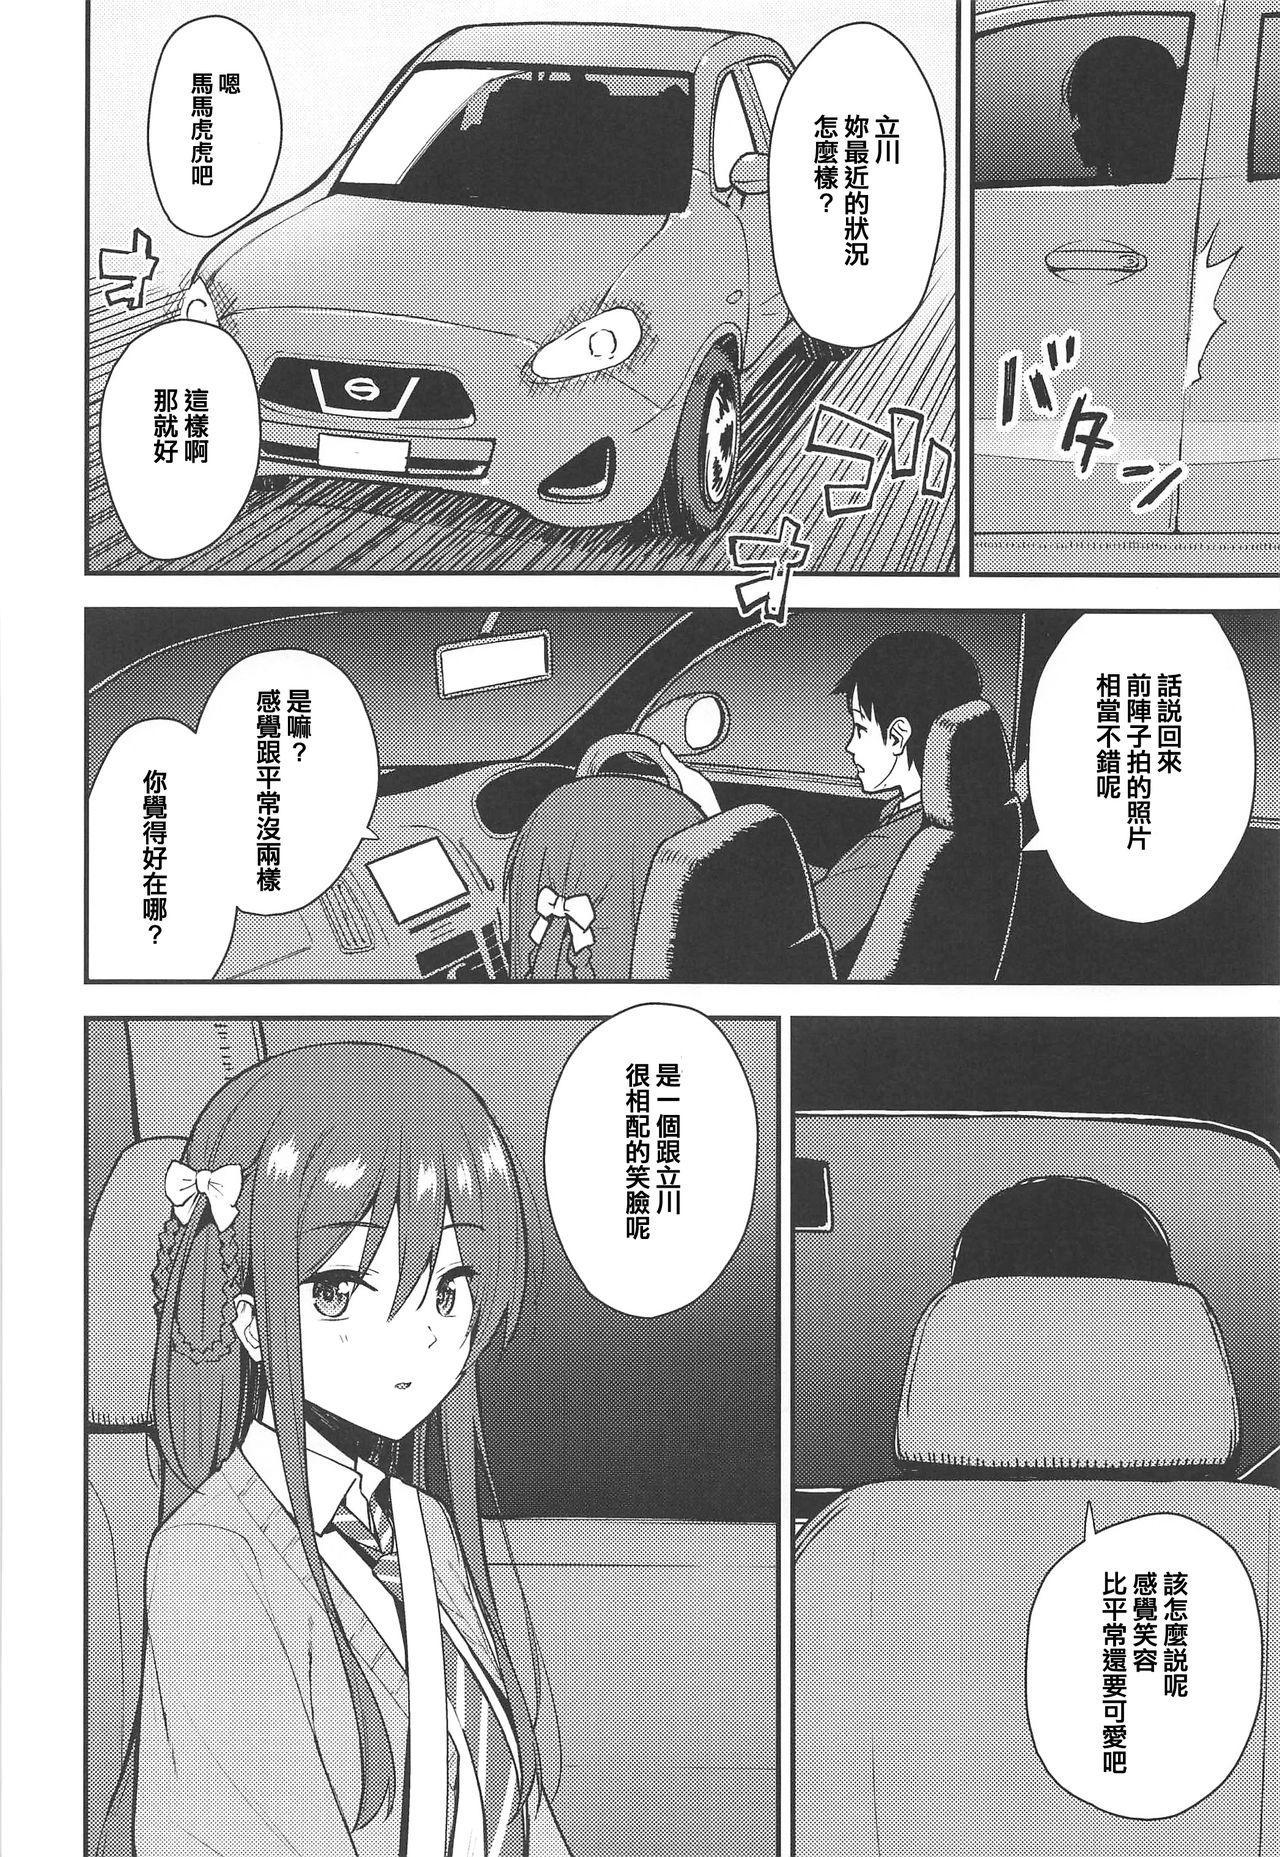 Futashika na Seishun - Uncertain youth 3